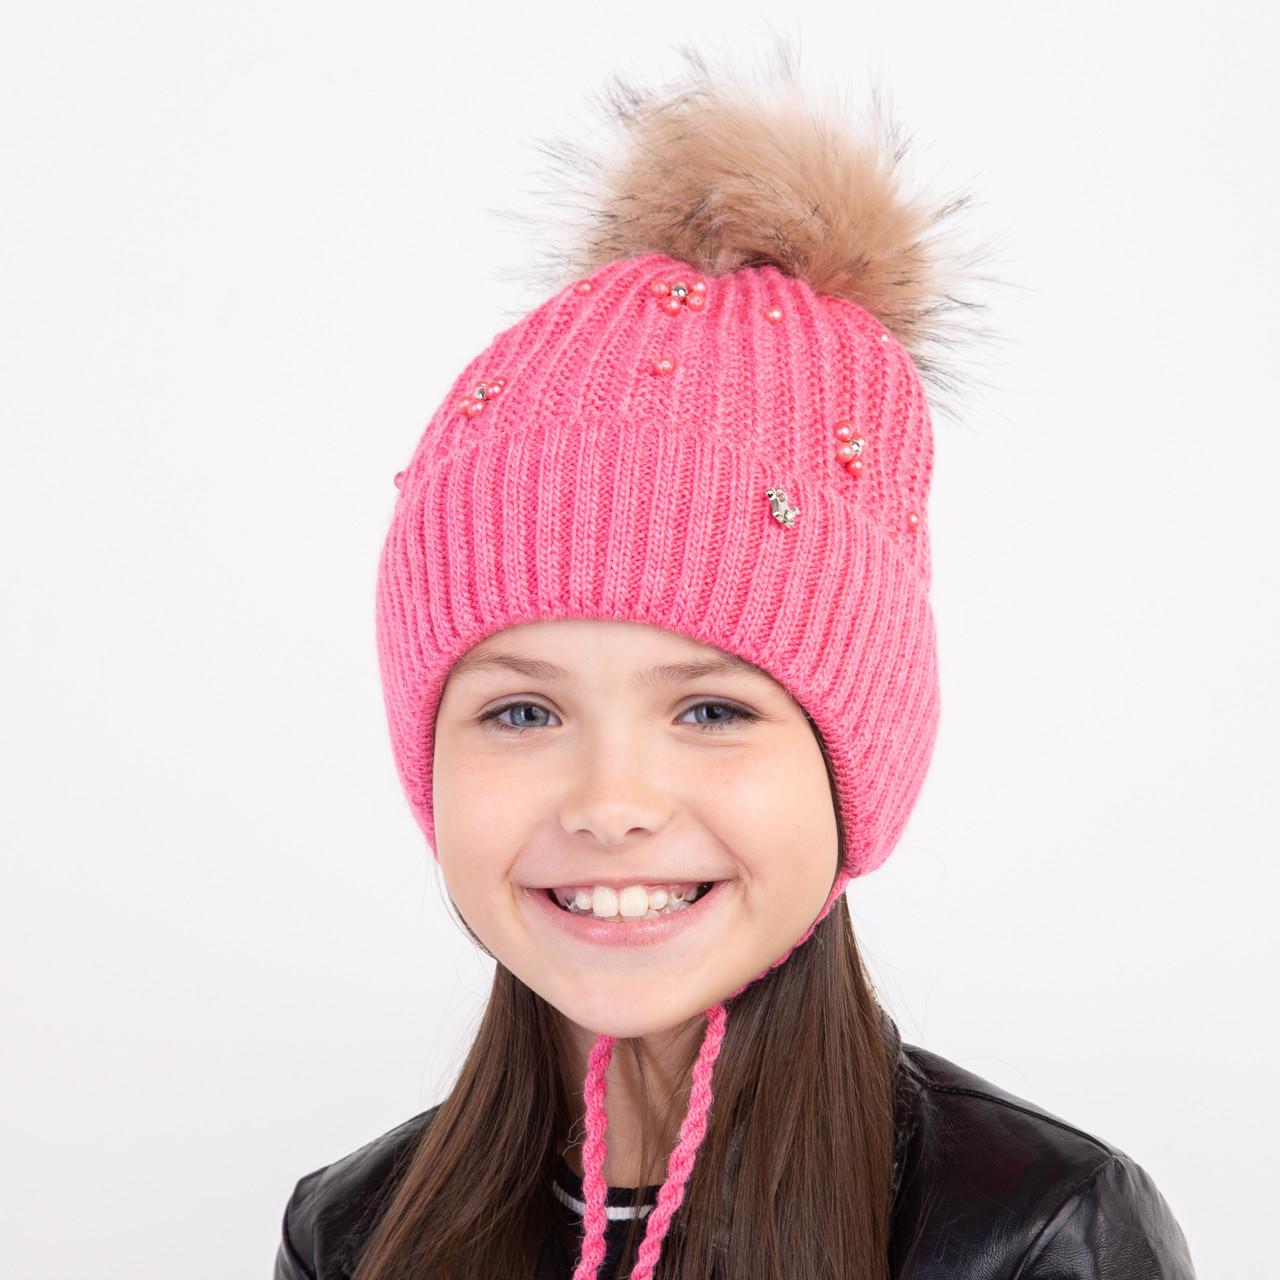 Шапка с меховым помпоном для девочек оптом - Артикул 2335